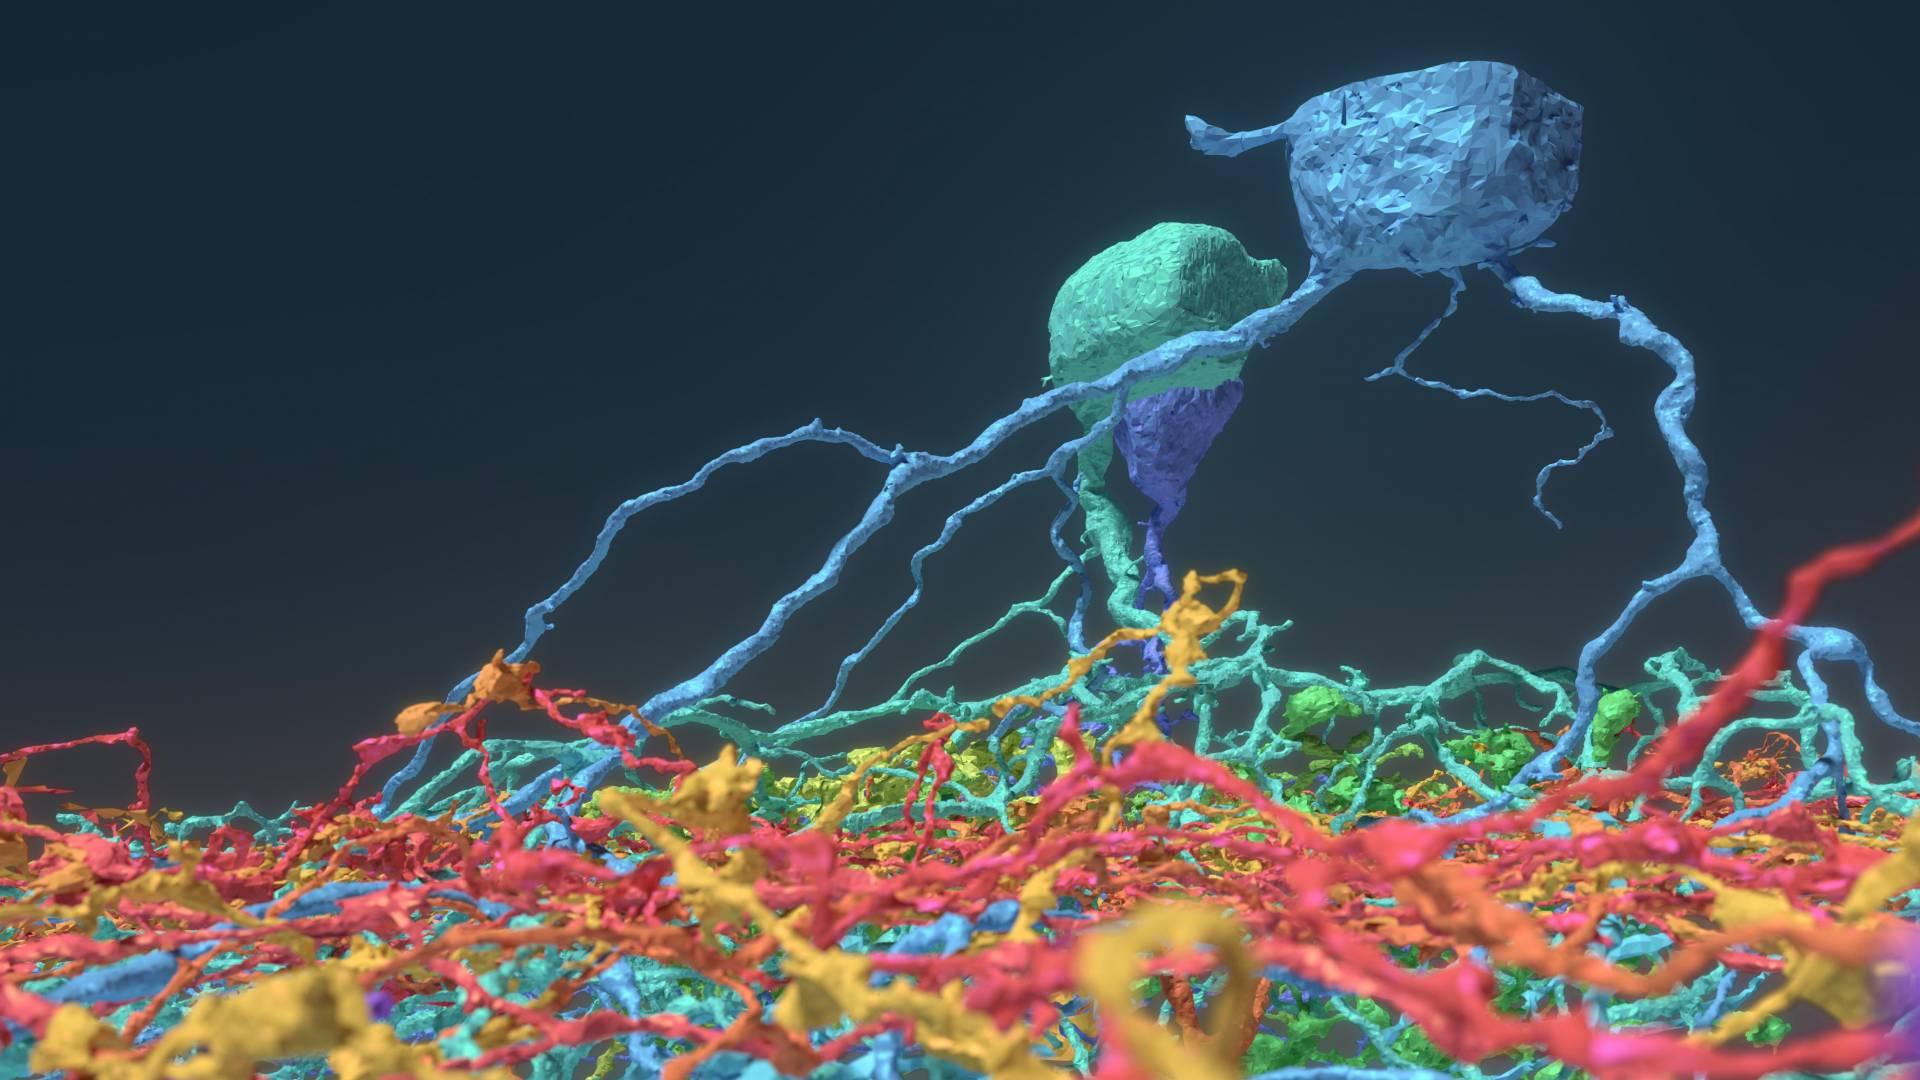 Pesquisadores de Princeton Fazem Crowdsourcing de Mapeamento Cerebral com Jogadores e Descobrem Seis Novos Tipos de Neurônios